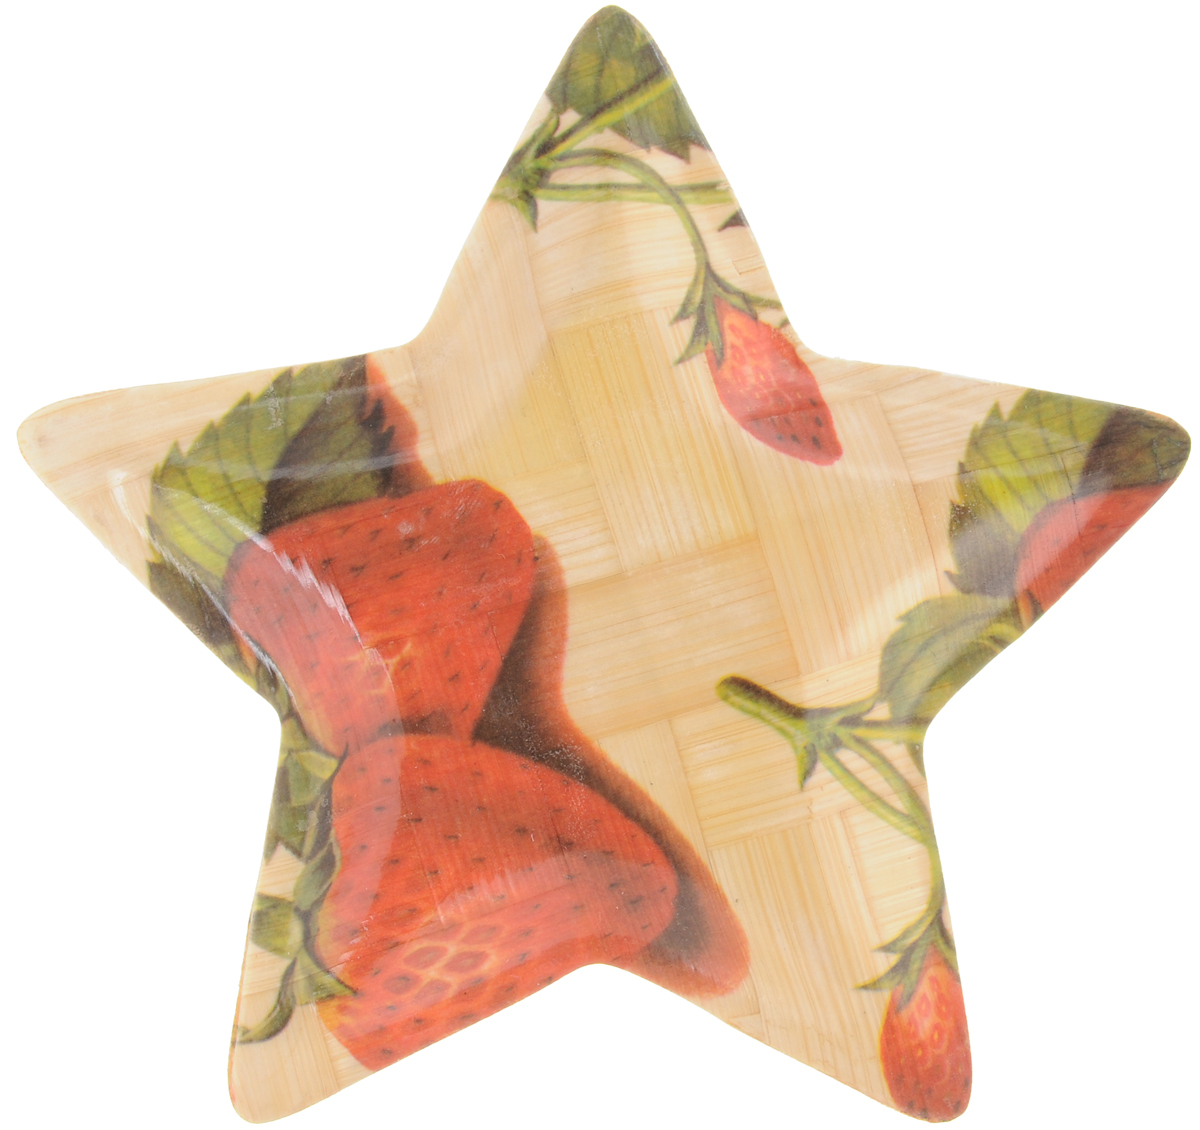 Тарелка Wanxie Звезда, цвет: бежевый, красный, зеленый, 13,5 x 13,5 x 1 смWH-701S_бежевый, красный, зеленыйТарелка Wanxie Звезда изготовлена из бамбука в виде звезды. Блюдо прекрасно подходит для того, чтобы подавать небольшие кусочки фруктов, ягоды и многое другое. Невероятно легкое, но в то же время крепкое и экологически чистое блюдо - незаменимый и очень полезный аксессуар на кухне, а благодаря нежной расцветке подойдет к любому интерьеру. Посуда из бамбука - интересное решение для создания эксклюзивных и стильных кухонных интерьеров. Бамбук экологичен и безопасен для здоровья, не боится влаги, устойчив к перепадам температуры. Несмотря на легкость и изящество, изделие прочно и долговечно. Посуда из бамбука проста в уходе и красива.Размер тарелки по верхнему краю: 13,5 х 13,5 см.